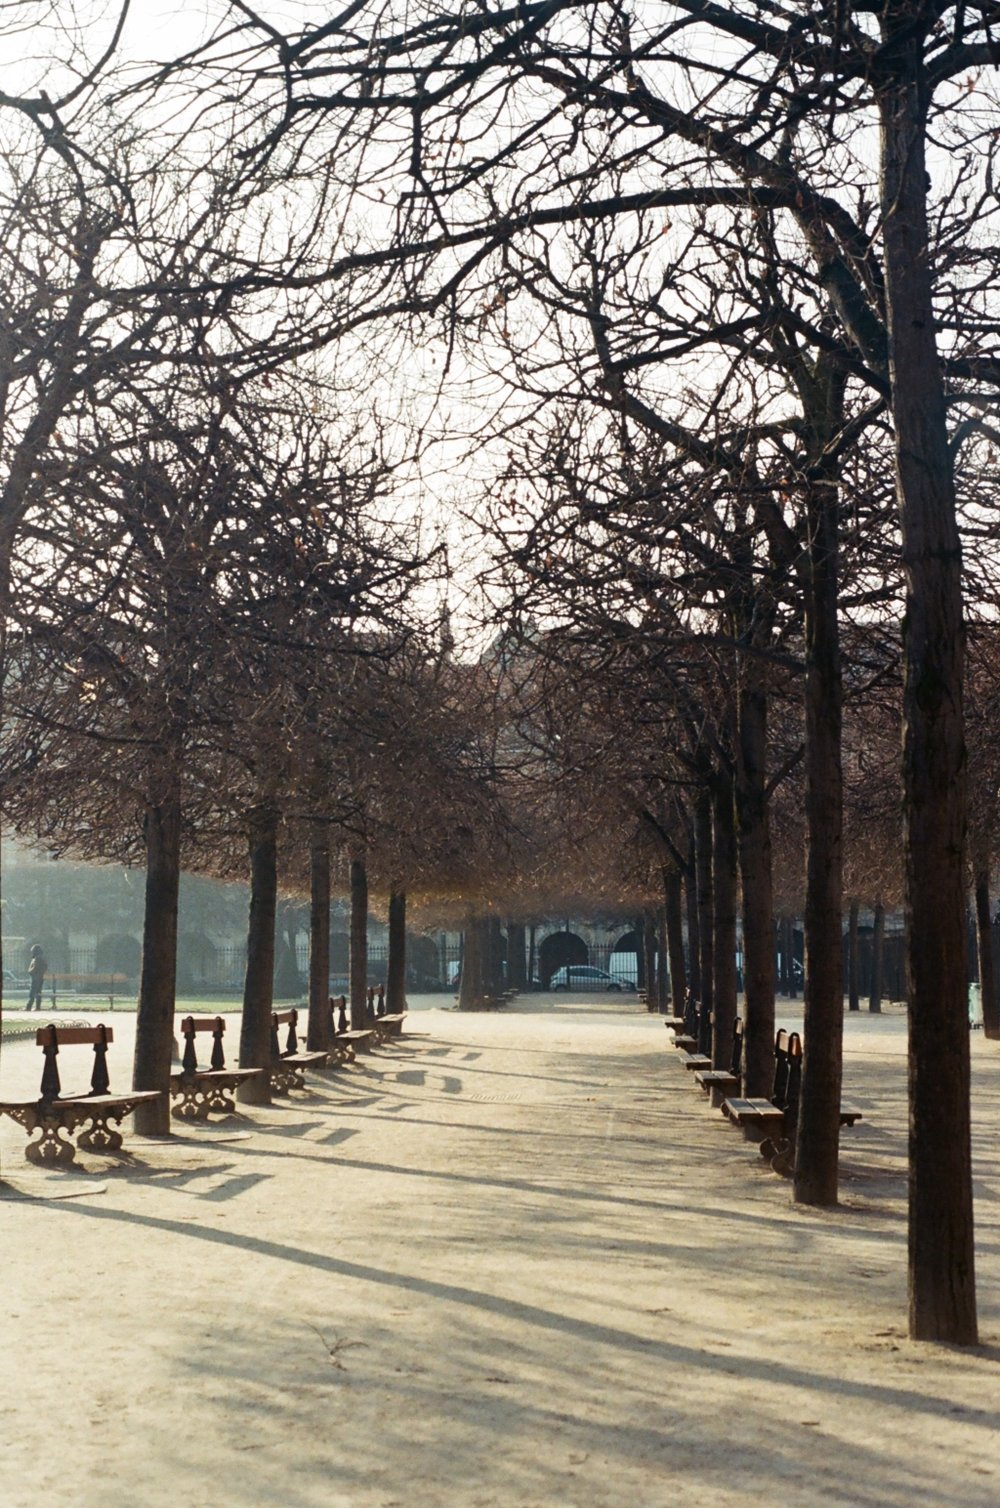 Paris, January 2017